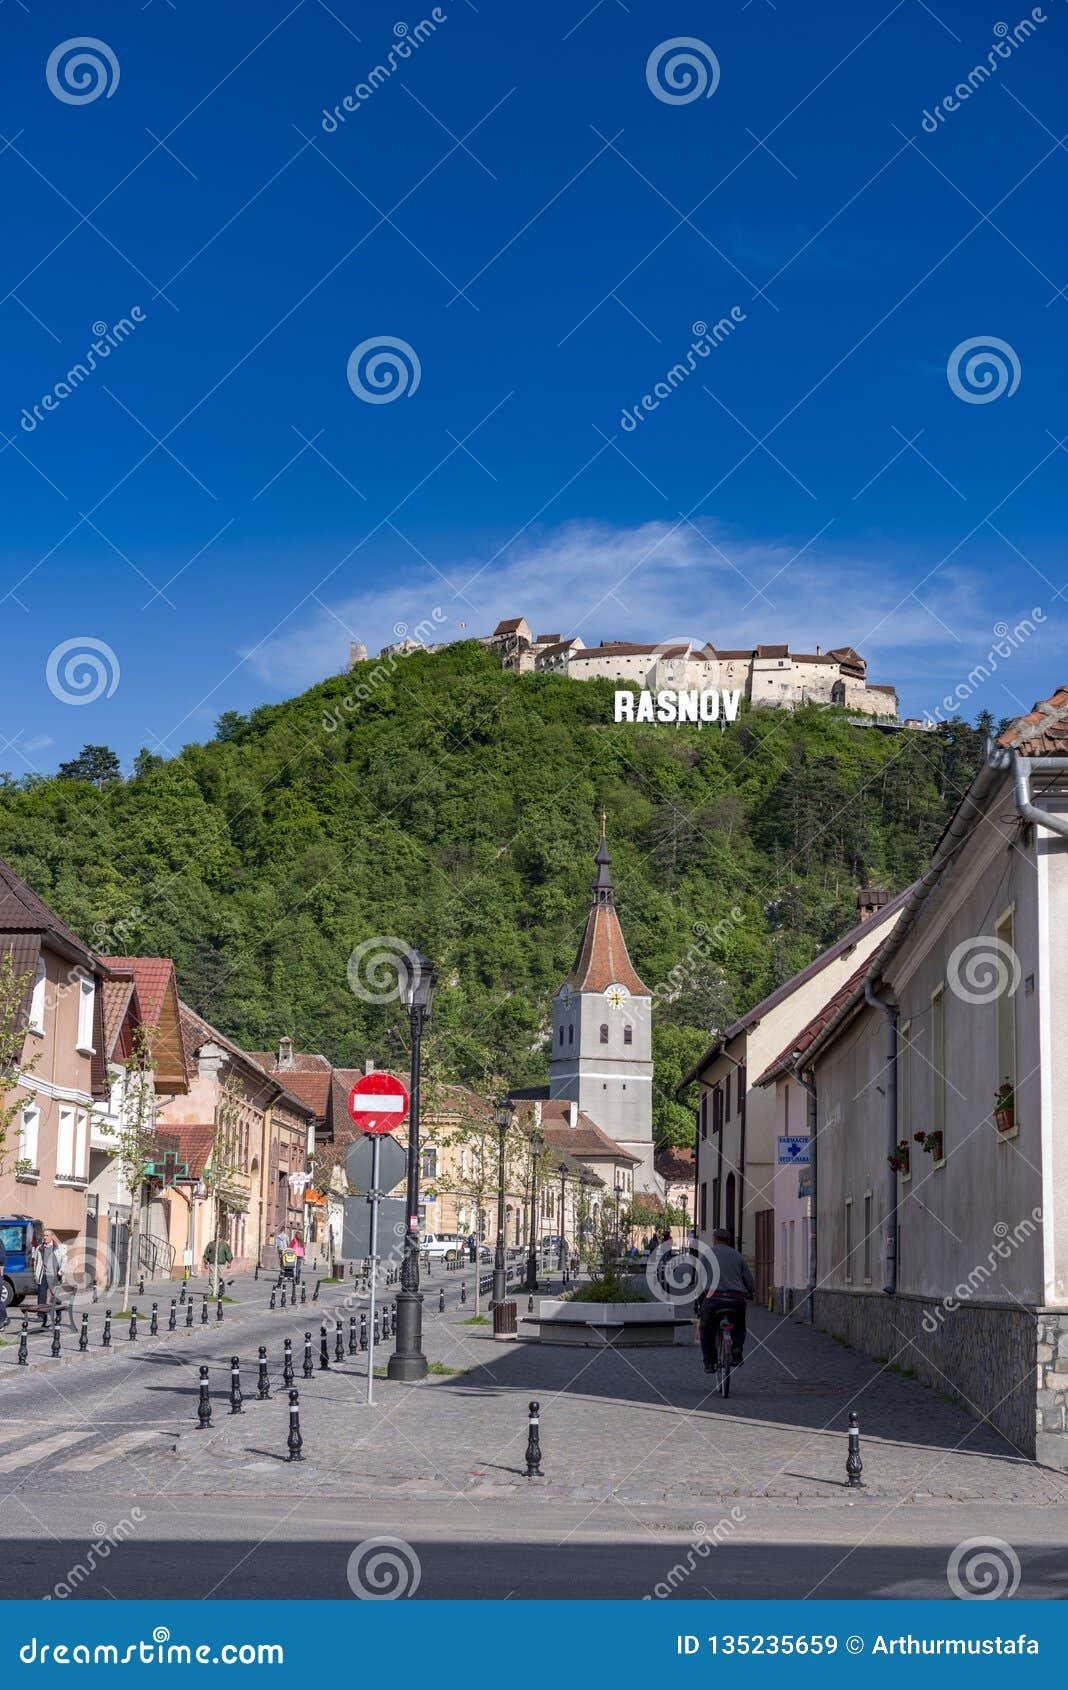 Rasnov, Romania - maggio 2017: Vista del mainstreet della città di Rasnov (contea di Brasov (Romania), con la collina del Rasnov